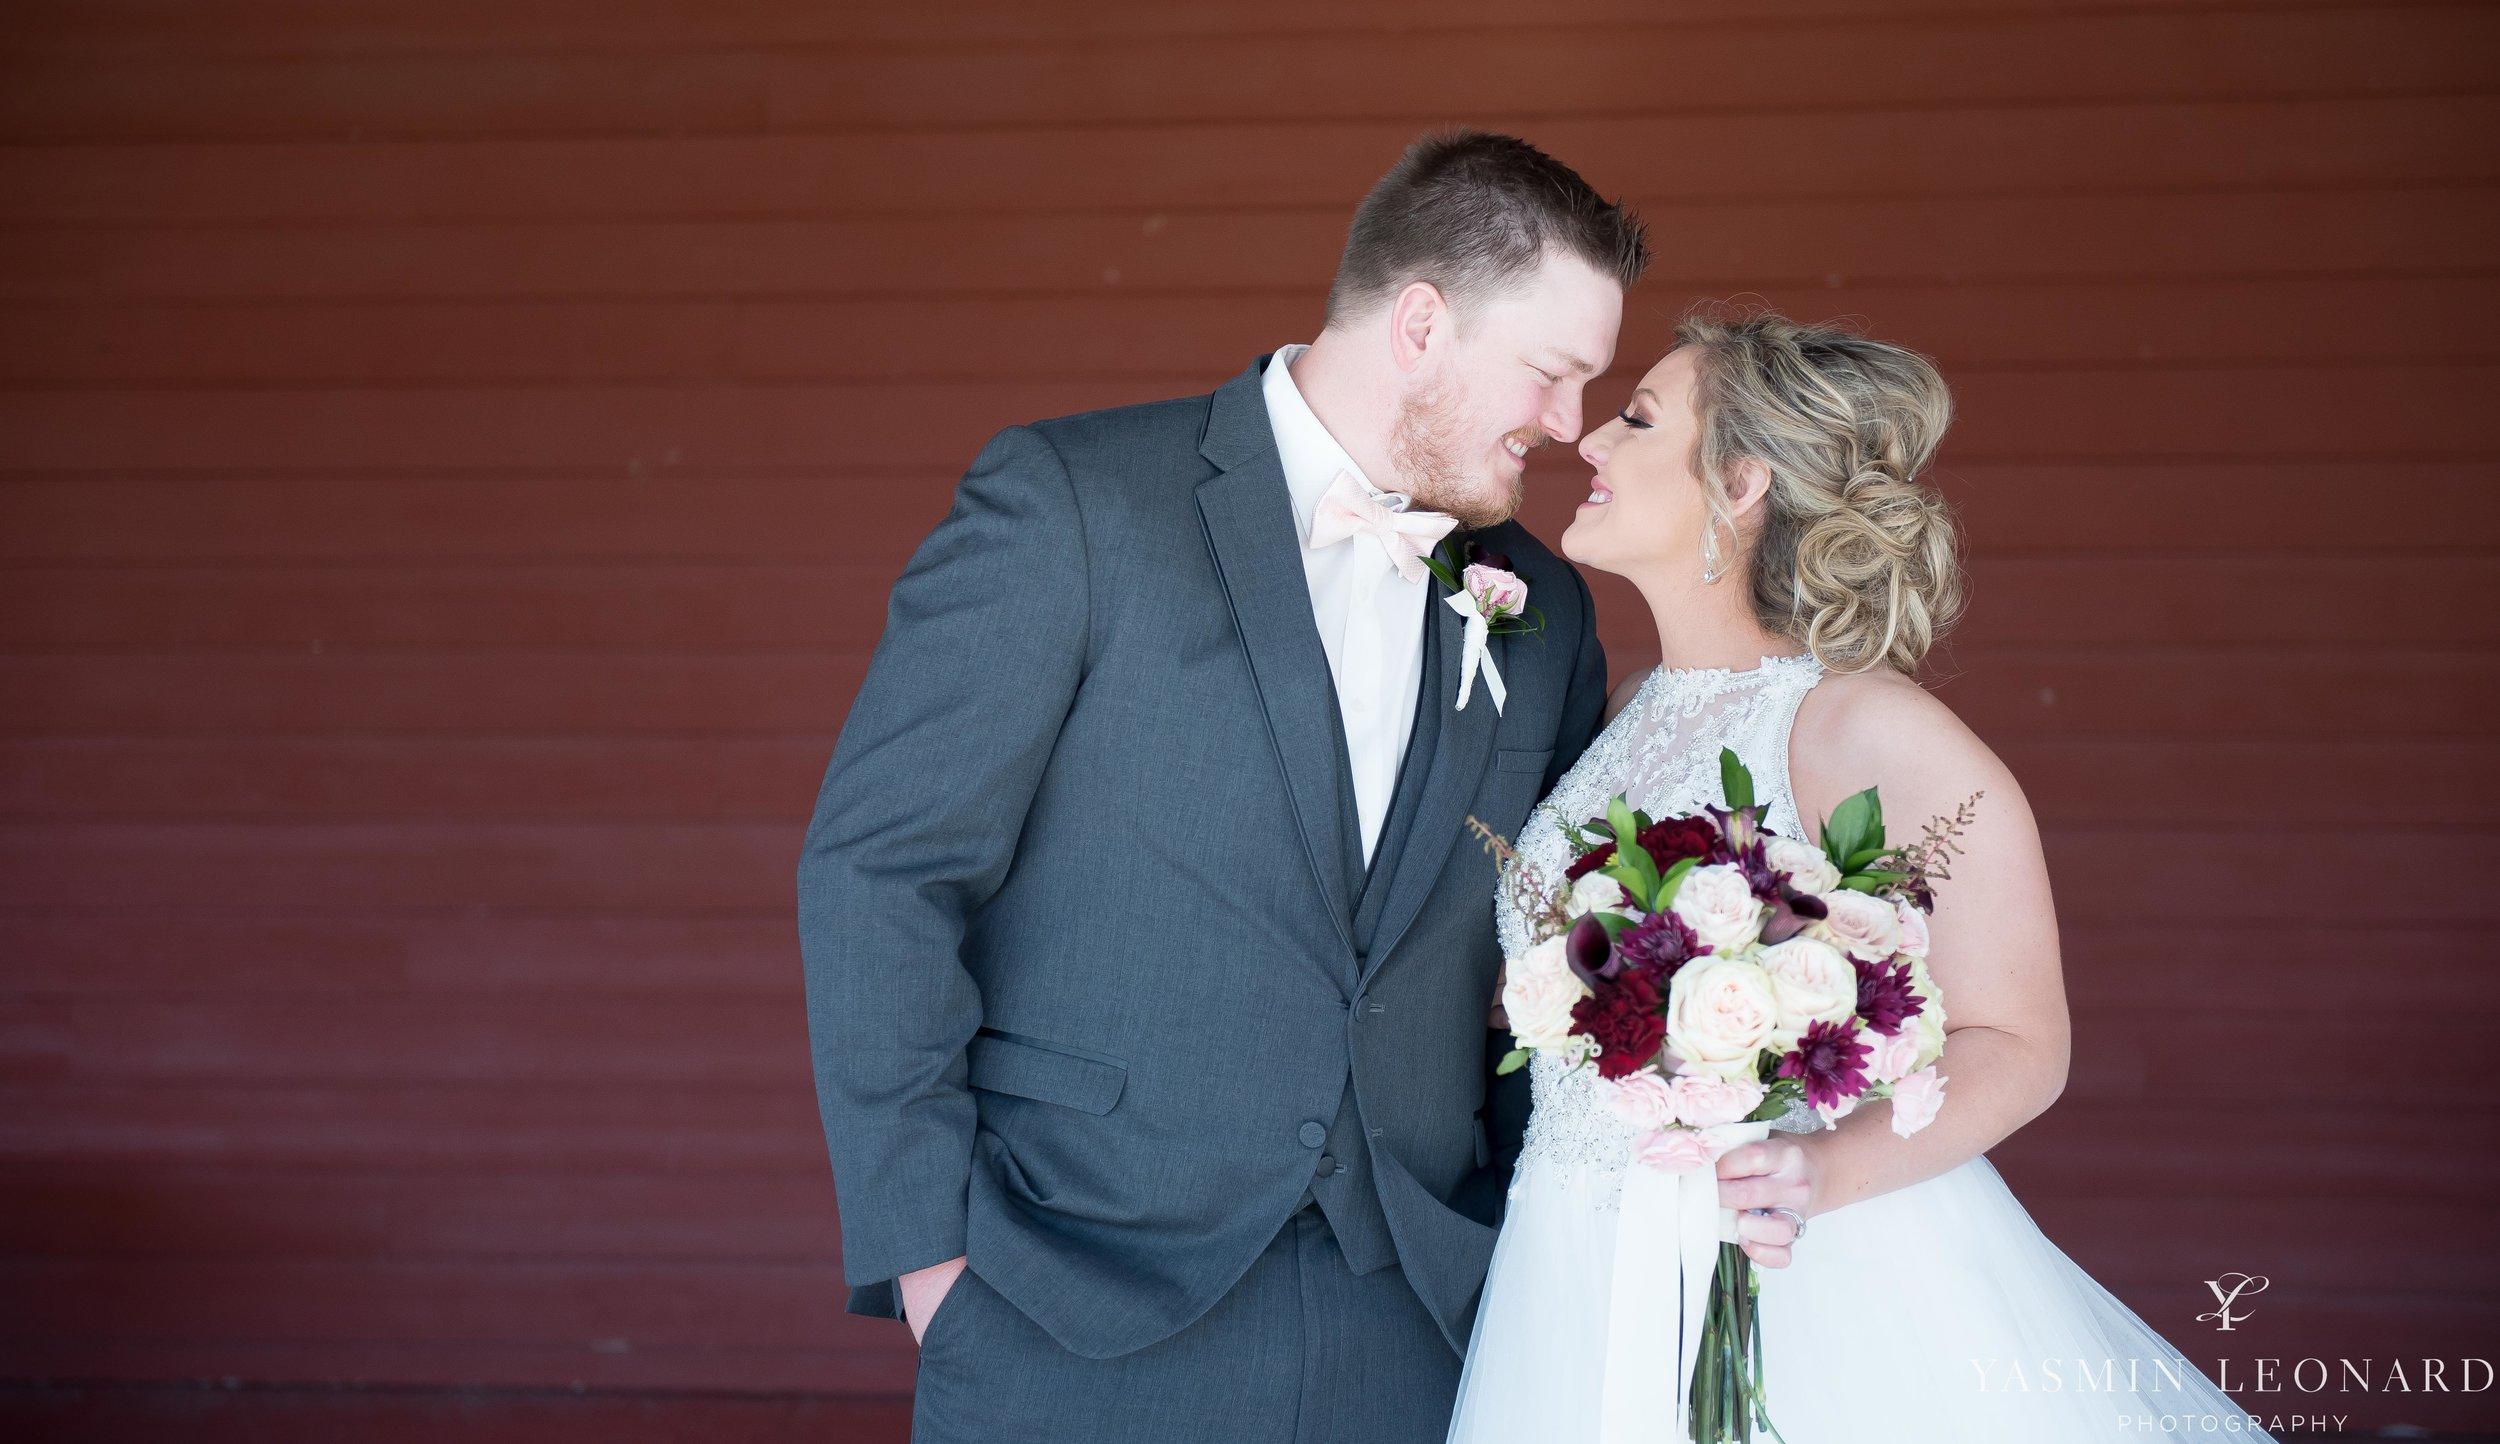 Millikan Farms - Millikan Farms Wedding - Sophia NC Wedding - NC Wedding - NC Wedding Photographer - Yasmin Leonard Photography - High Point Photographer - Barn Wedding - Wedding Venues in NC - Triad Wedding Photographer-24.jpg